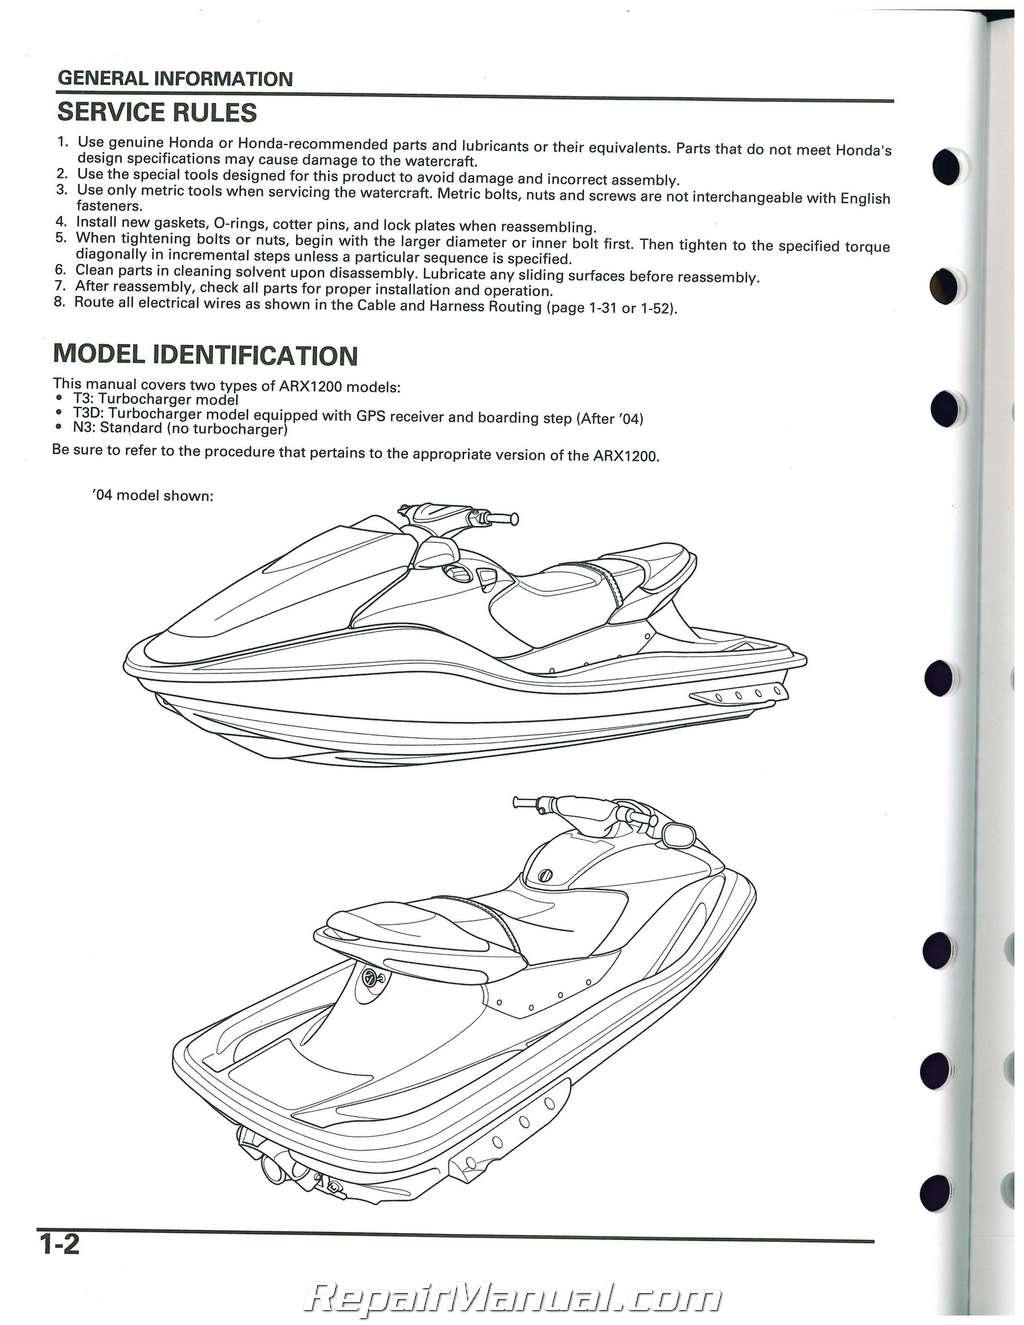 Honda Arx Aquatrax N3 T3 T3d Owners Service